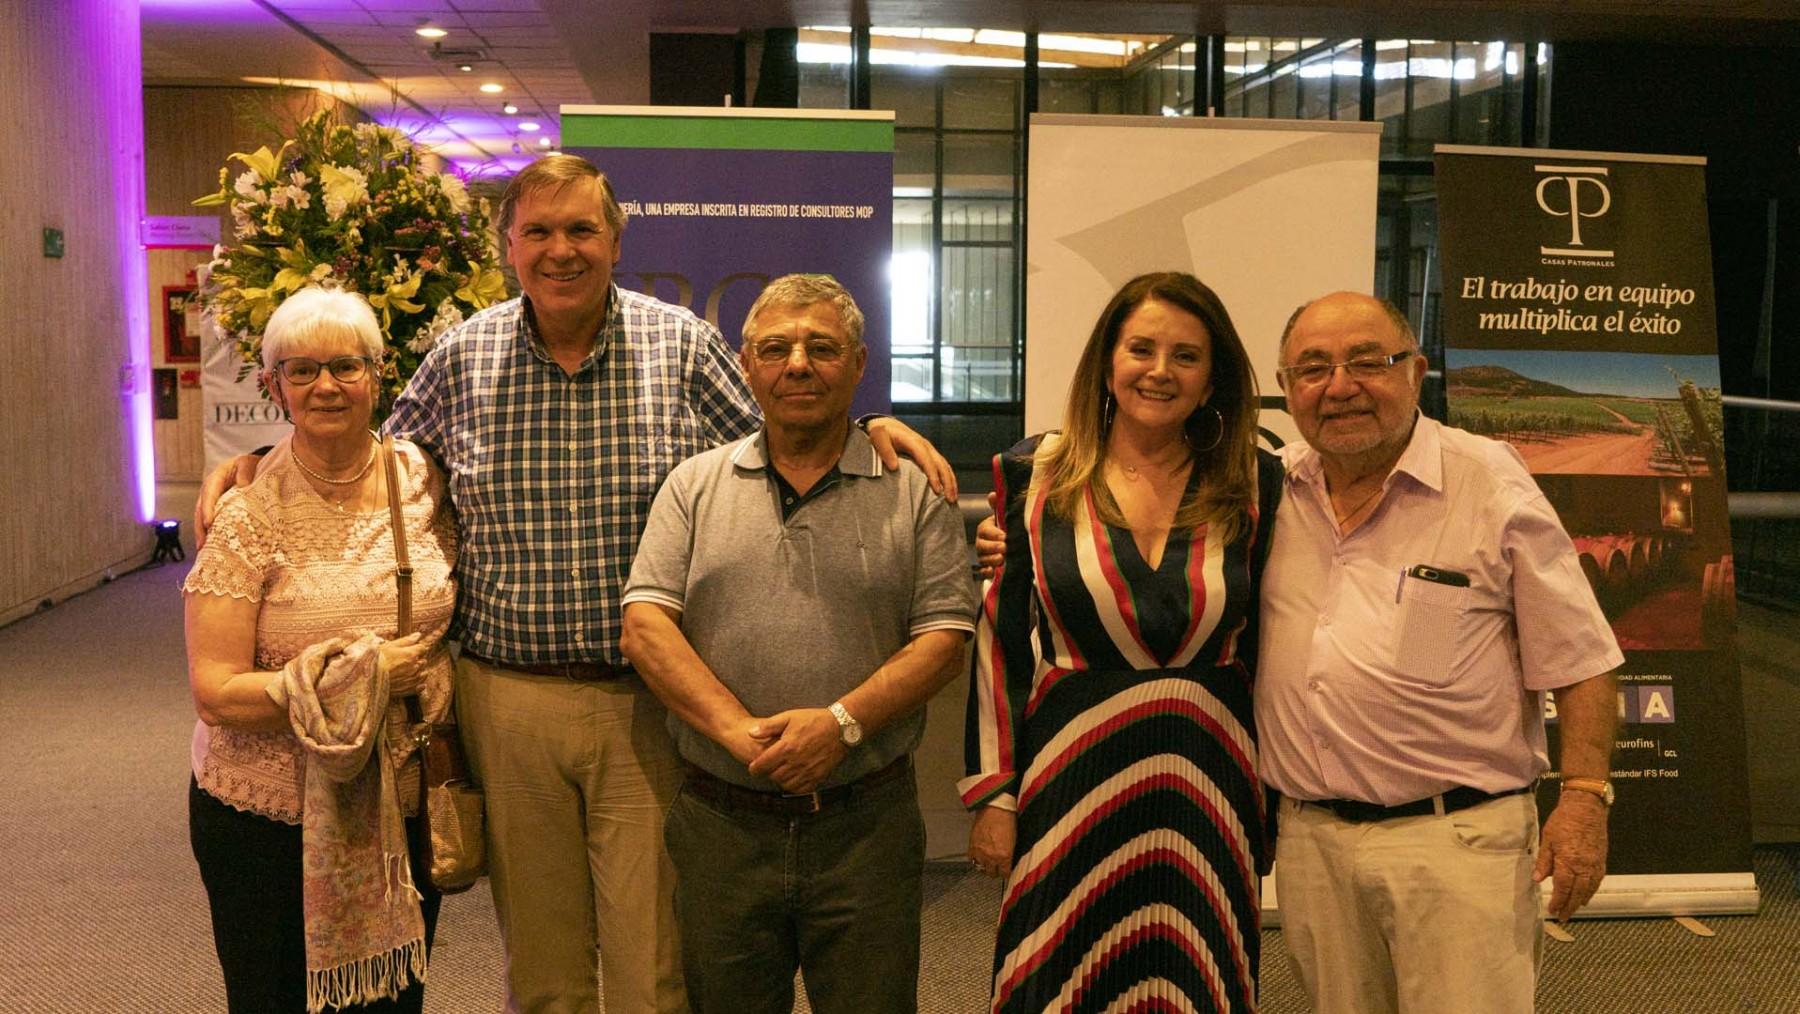 Yerka Yugovic, Pablo Mendoza, Dr. Tulio Soto, María Antonieta Rey y Custodio Moyano